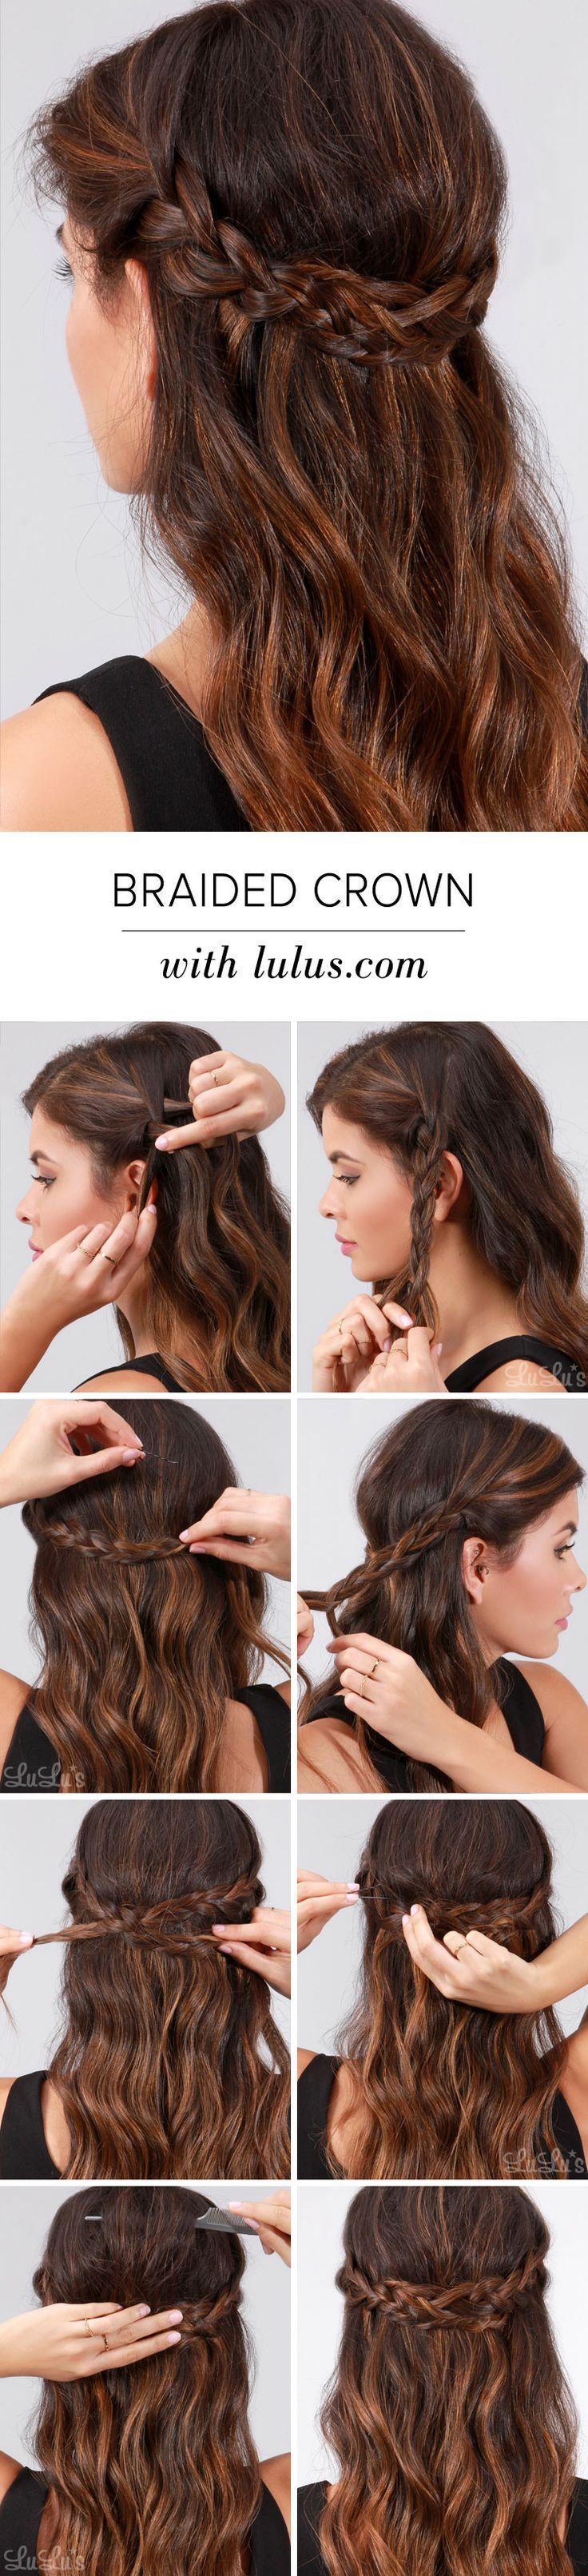 Terrific Super Easy Diy Braided Hairstyles For Wedding Tutorials Braided Schematic Wiring Diagrams Phreekkolirunnerswayorg